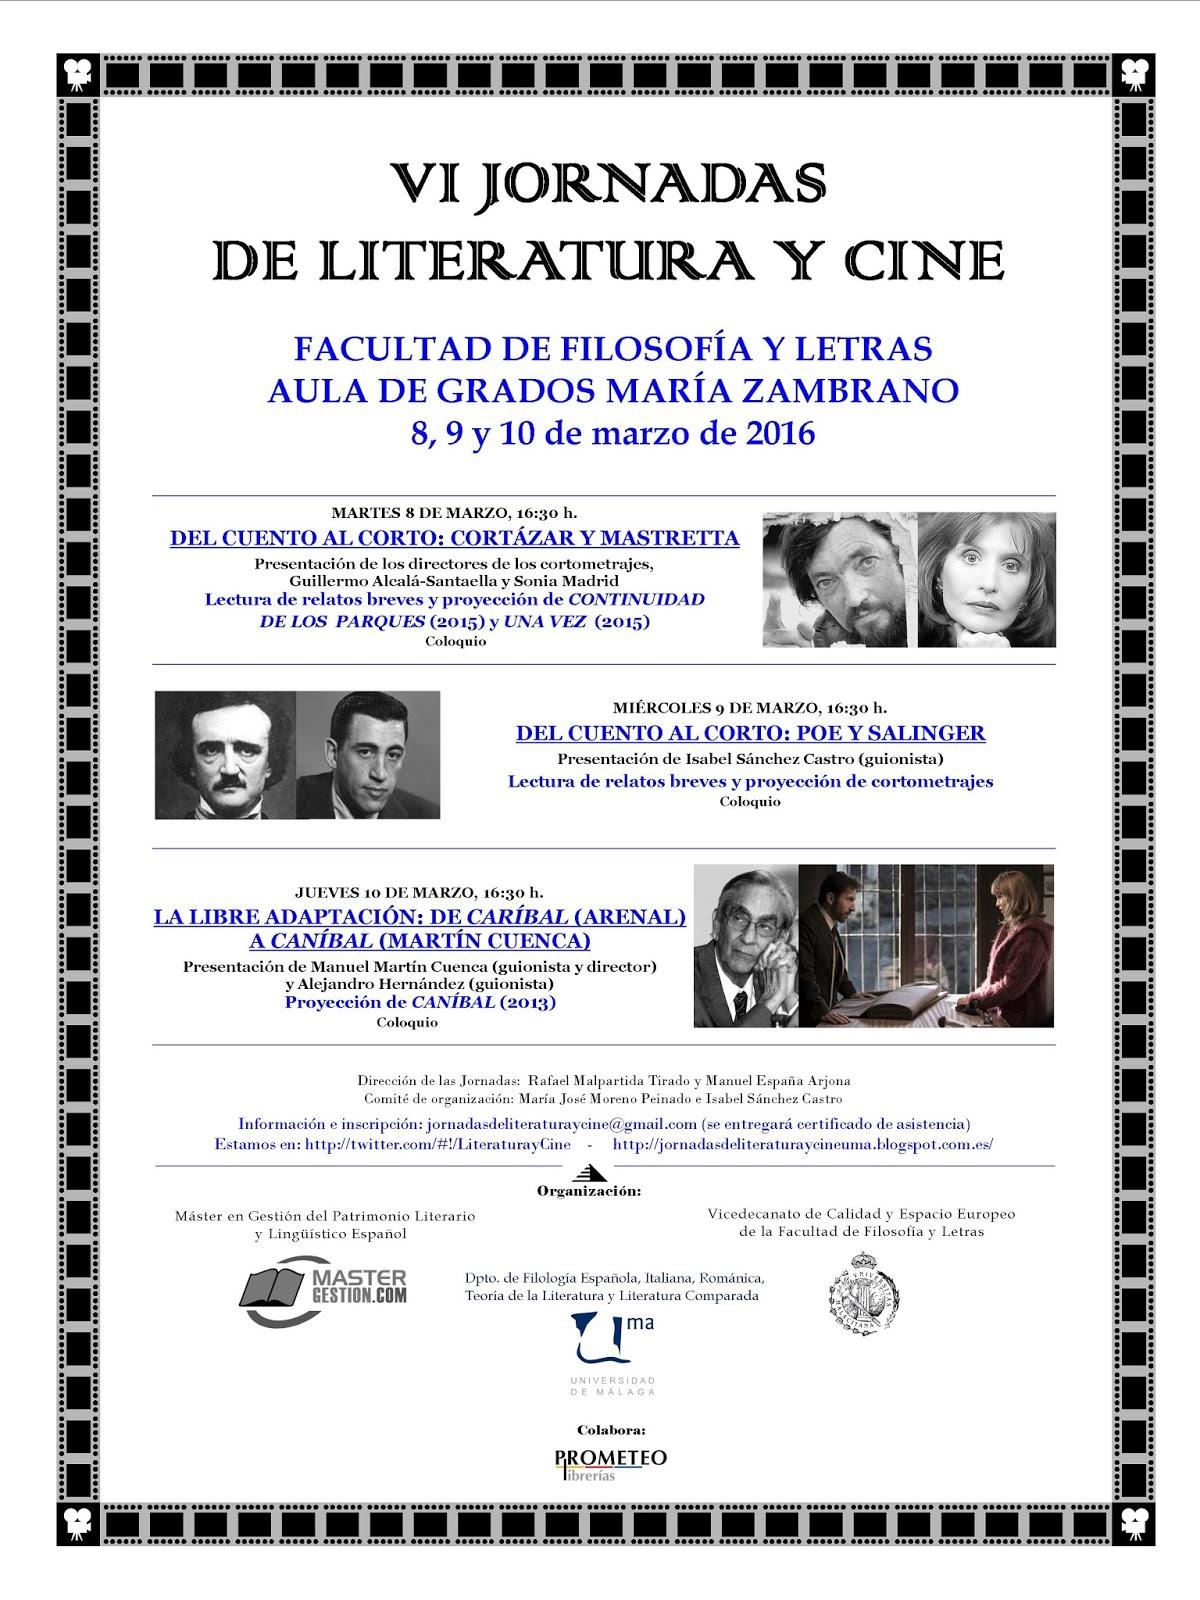 VI JORNADAS LITERATURA Y CINE